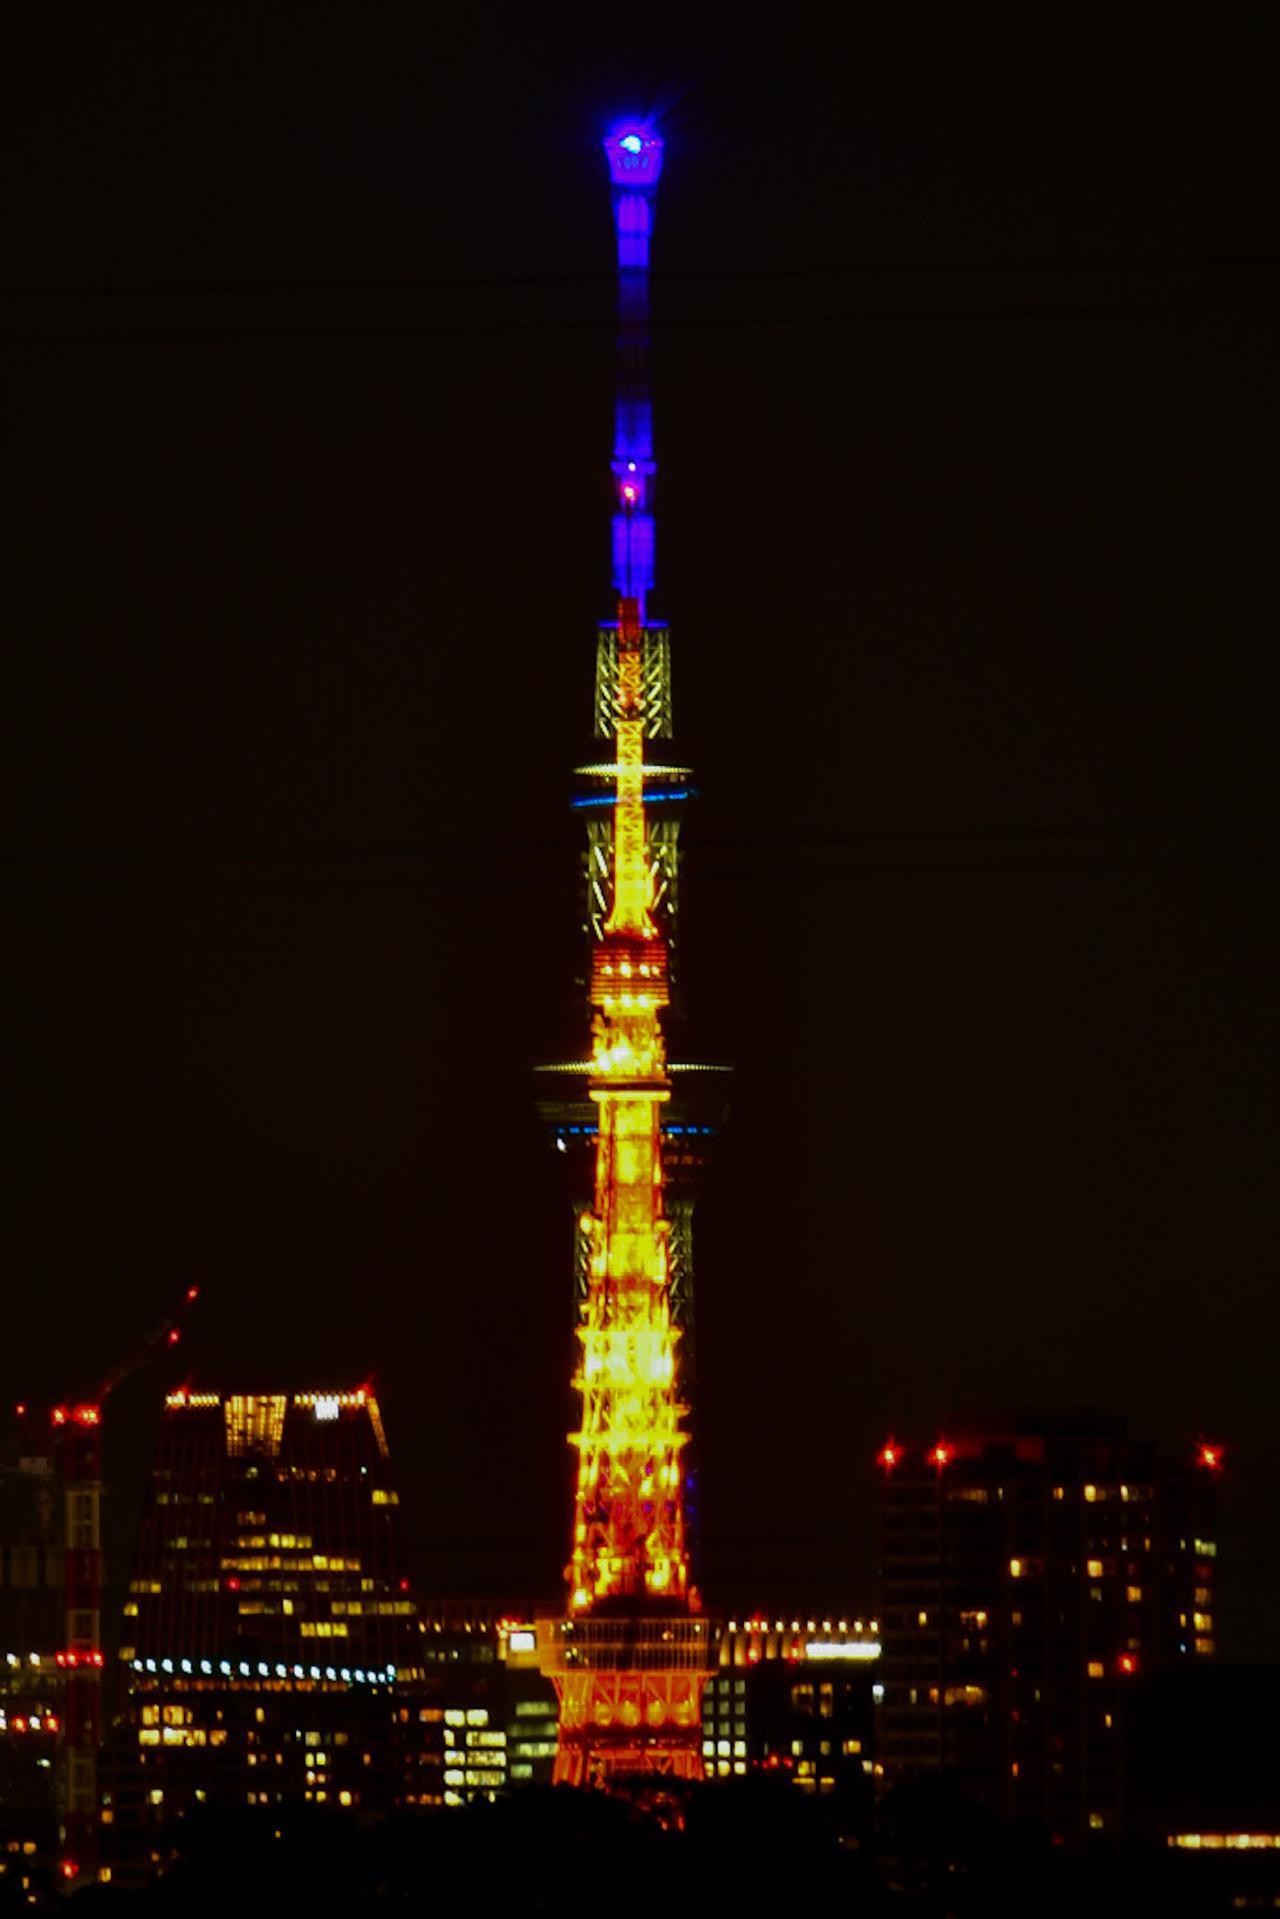 画像: スカイツリーと東京タワーが重なると・・・!? Twitterではツアーの先行発表やスタッフが撮影した写真の紹介など、様々な情報を発信しております。 ↓下記URLより是非フォローしてご覧下さい!↓ twitter.com